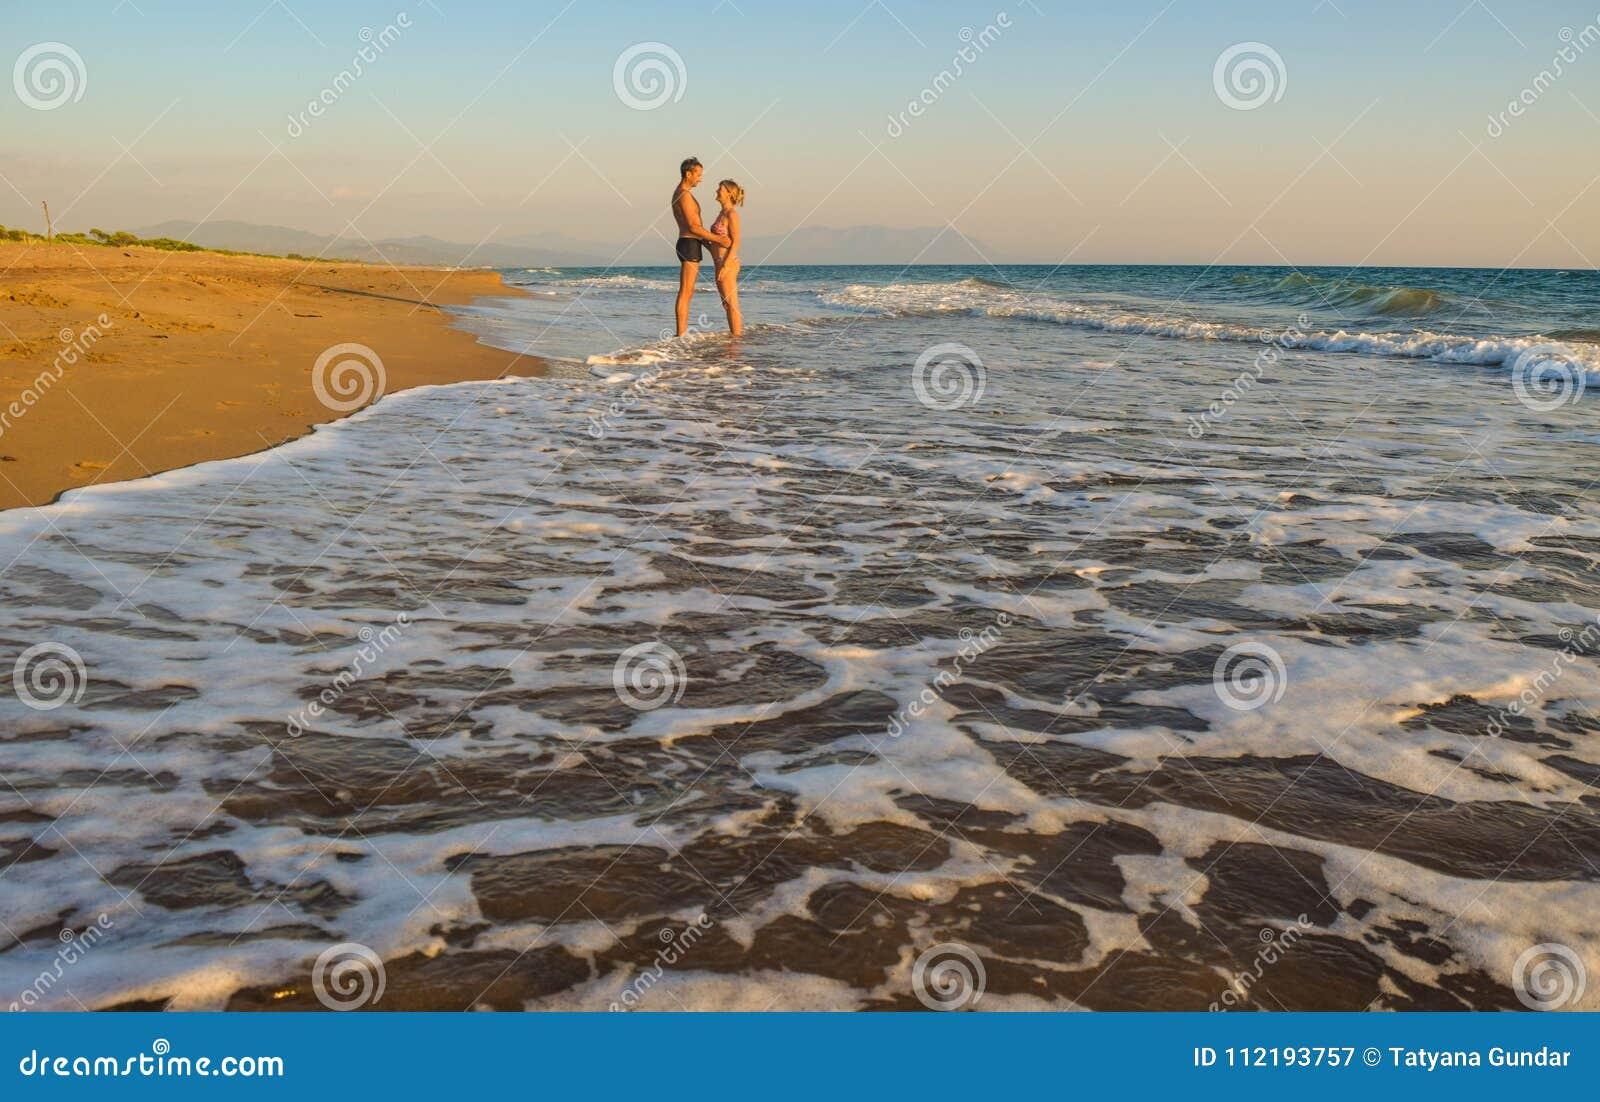 The couple on the beach.